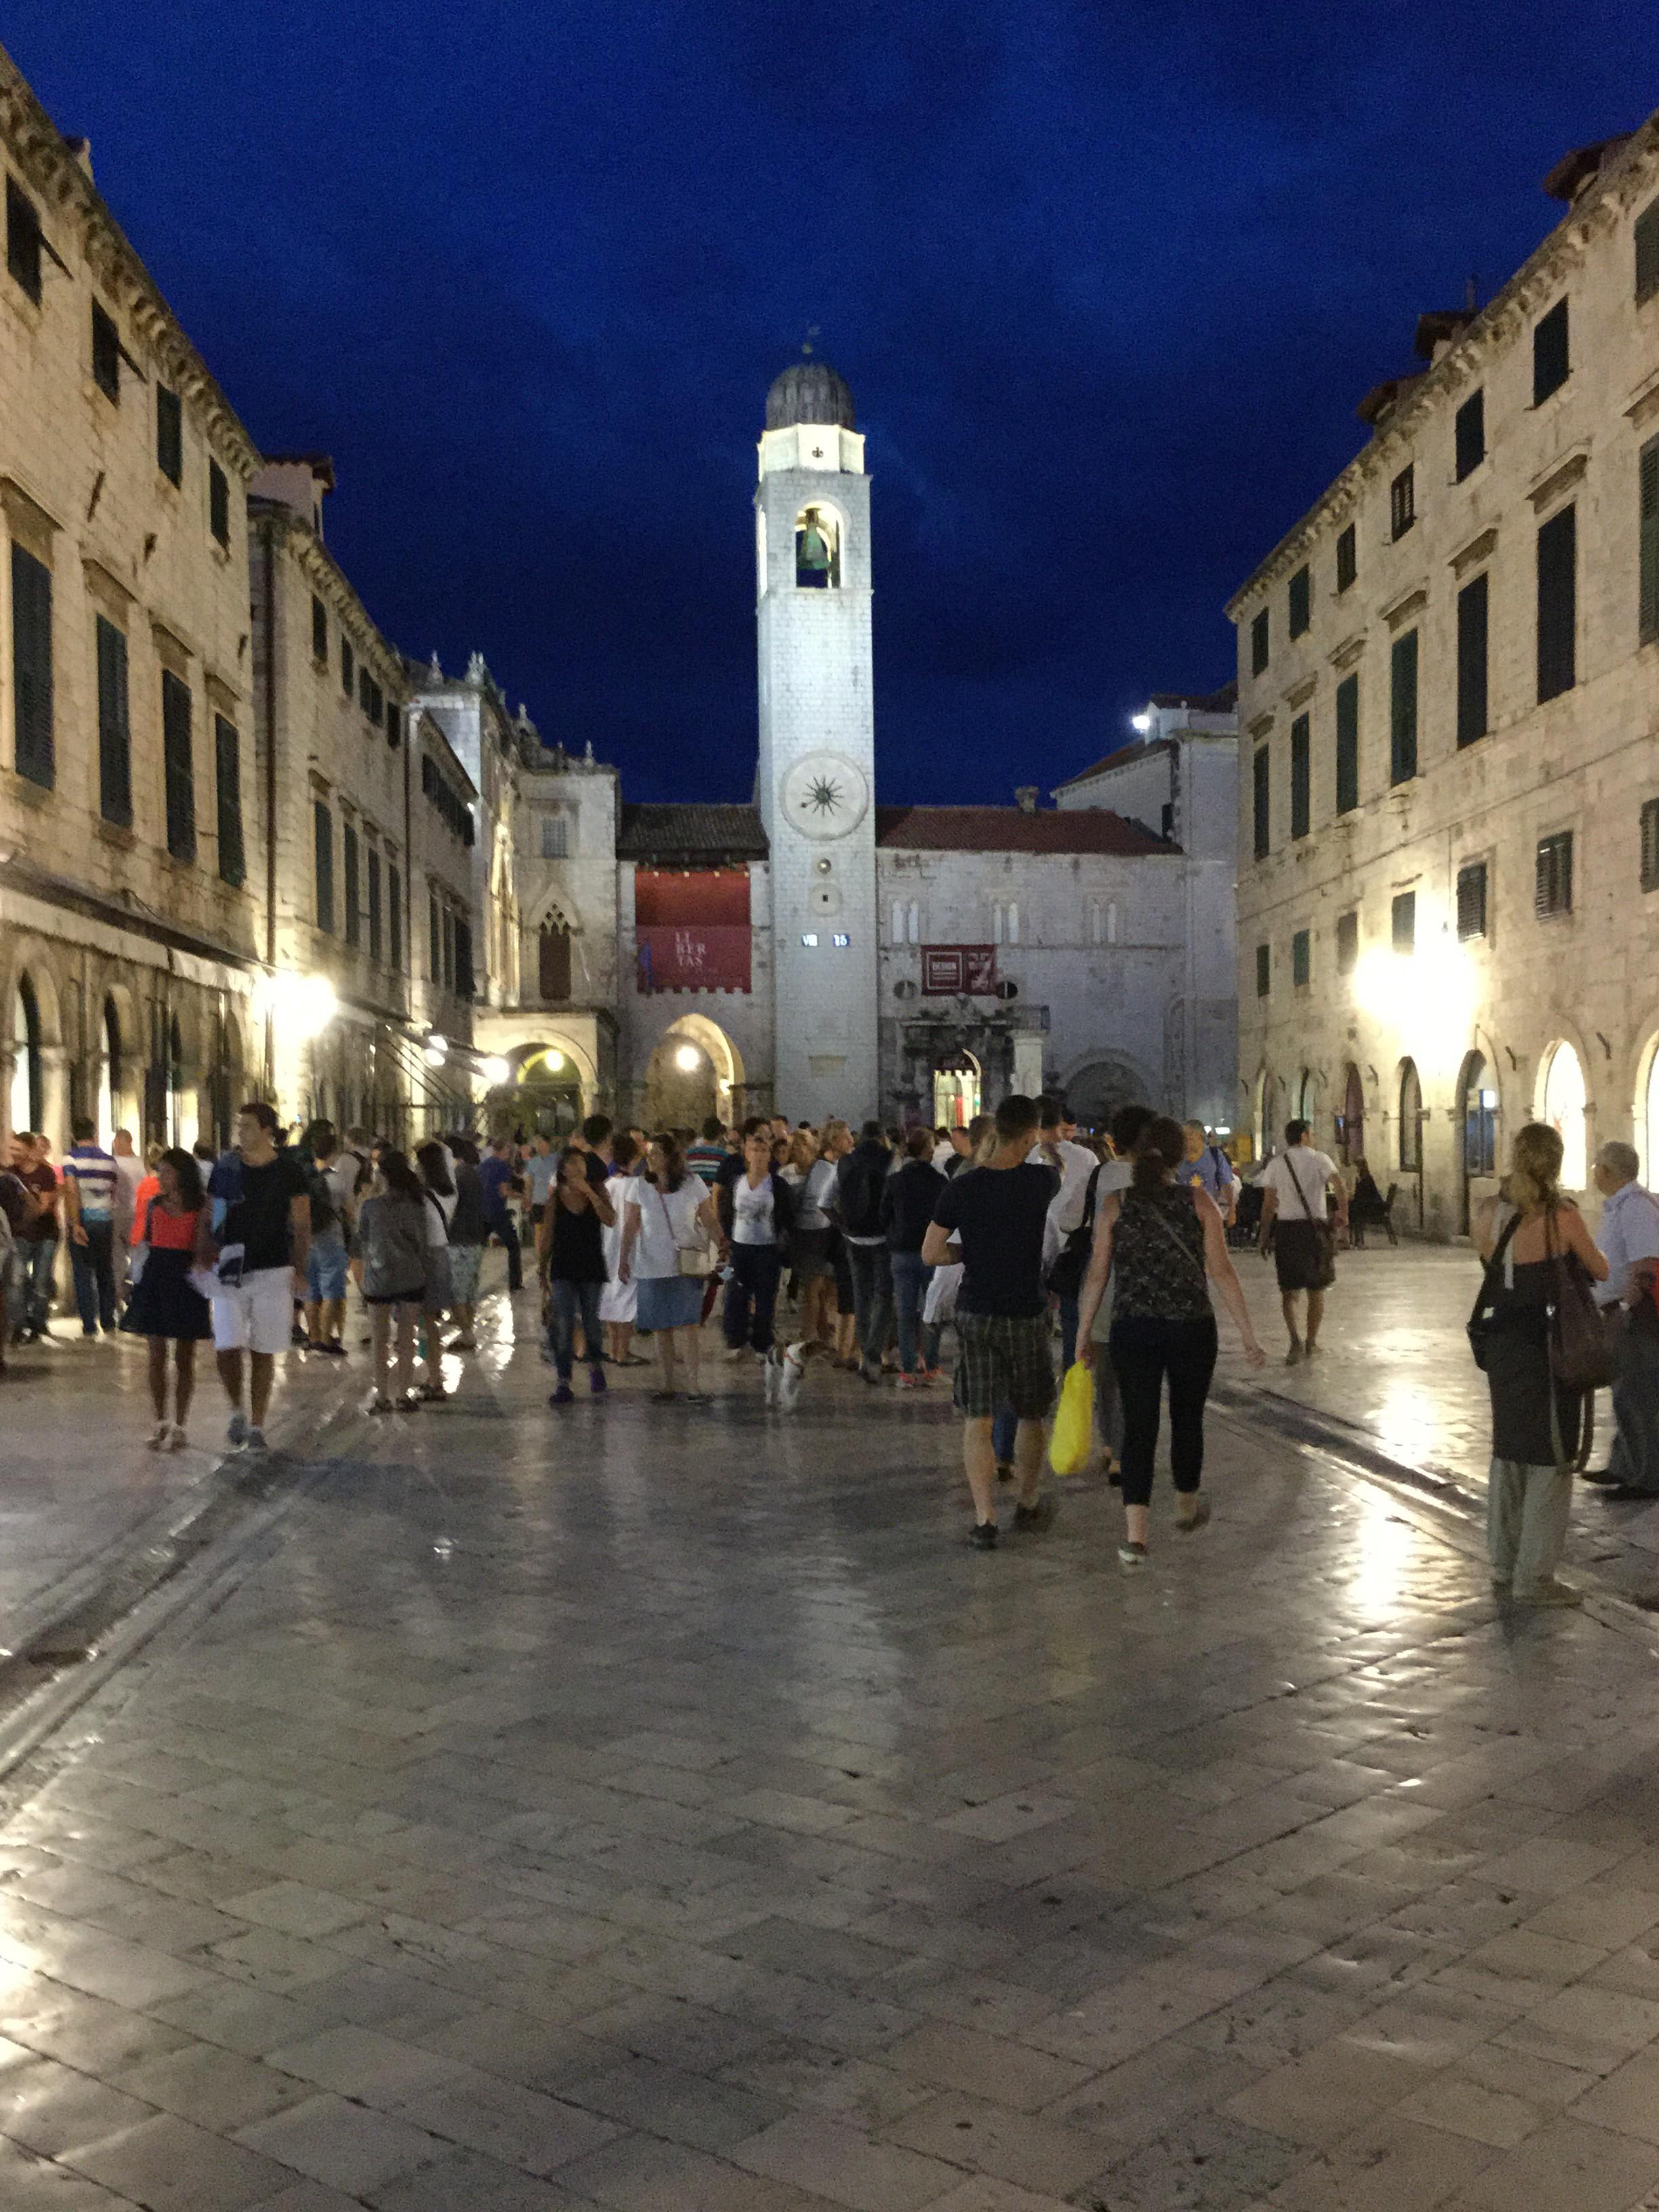 Stradun at night, Dubrovnik